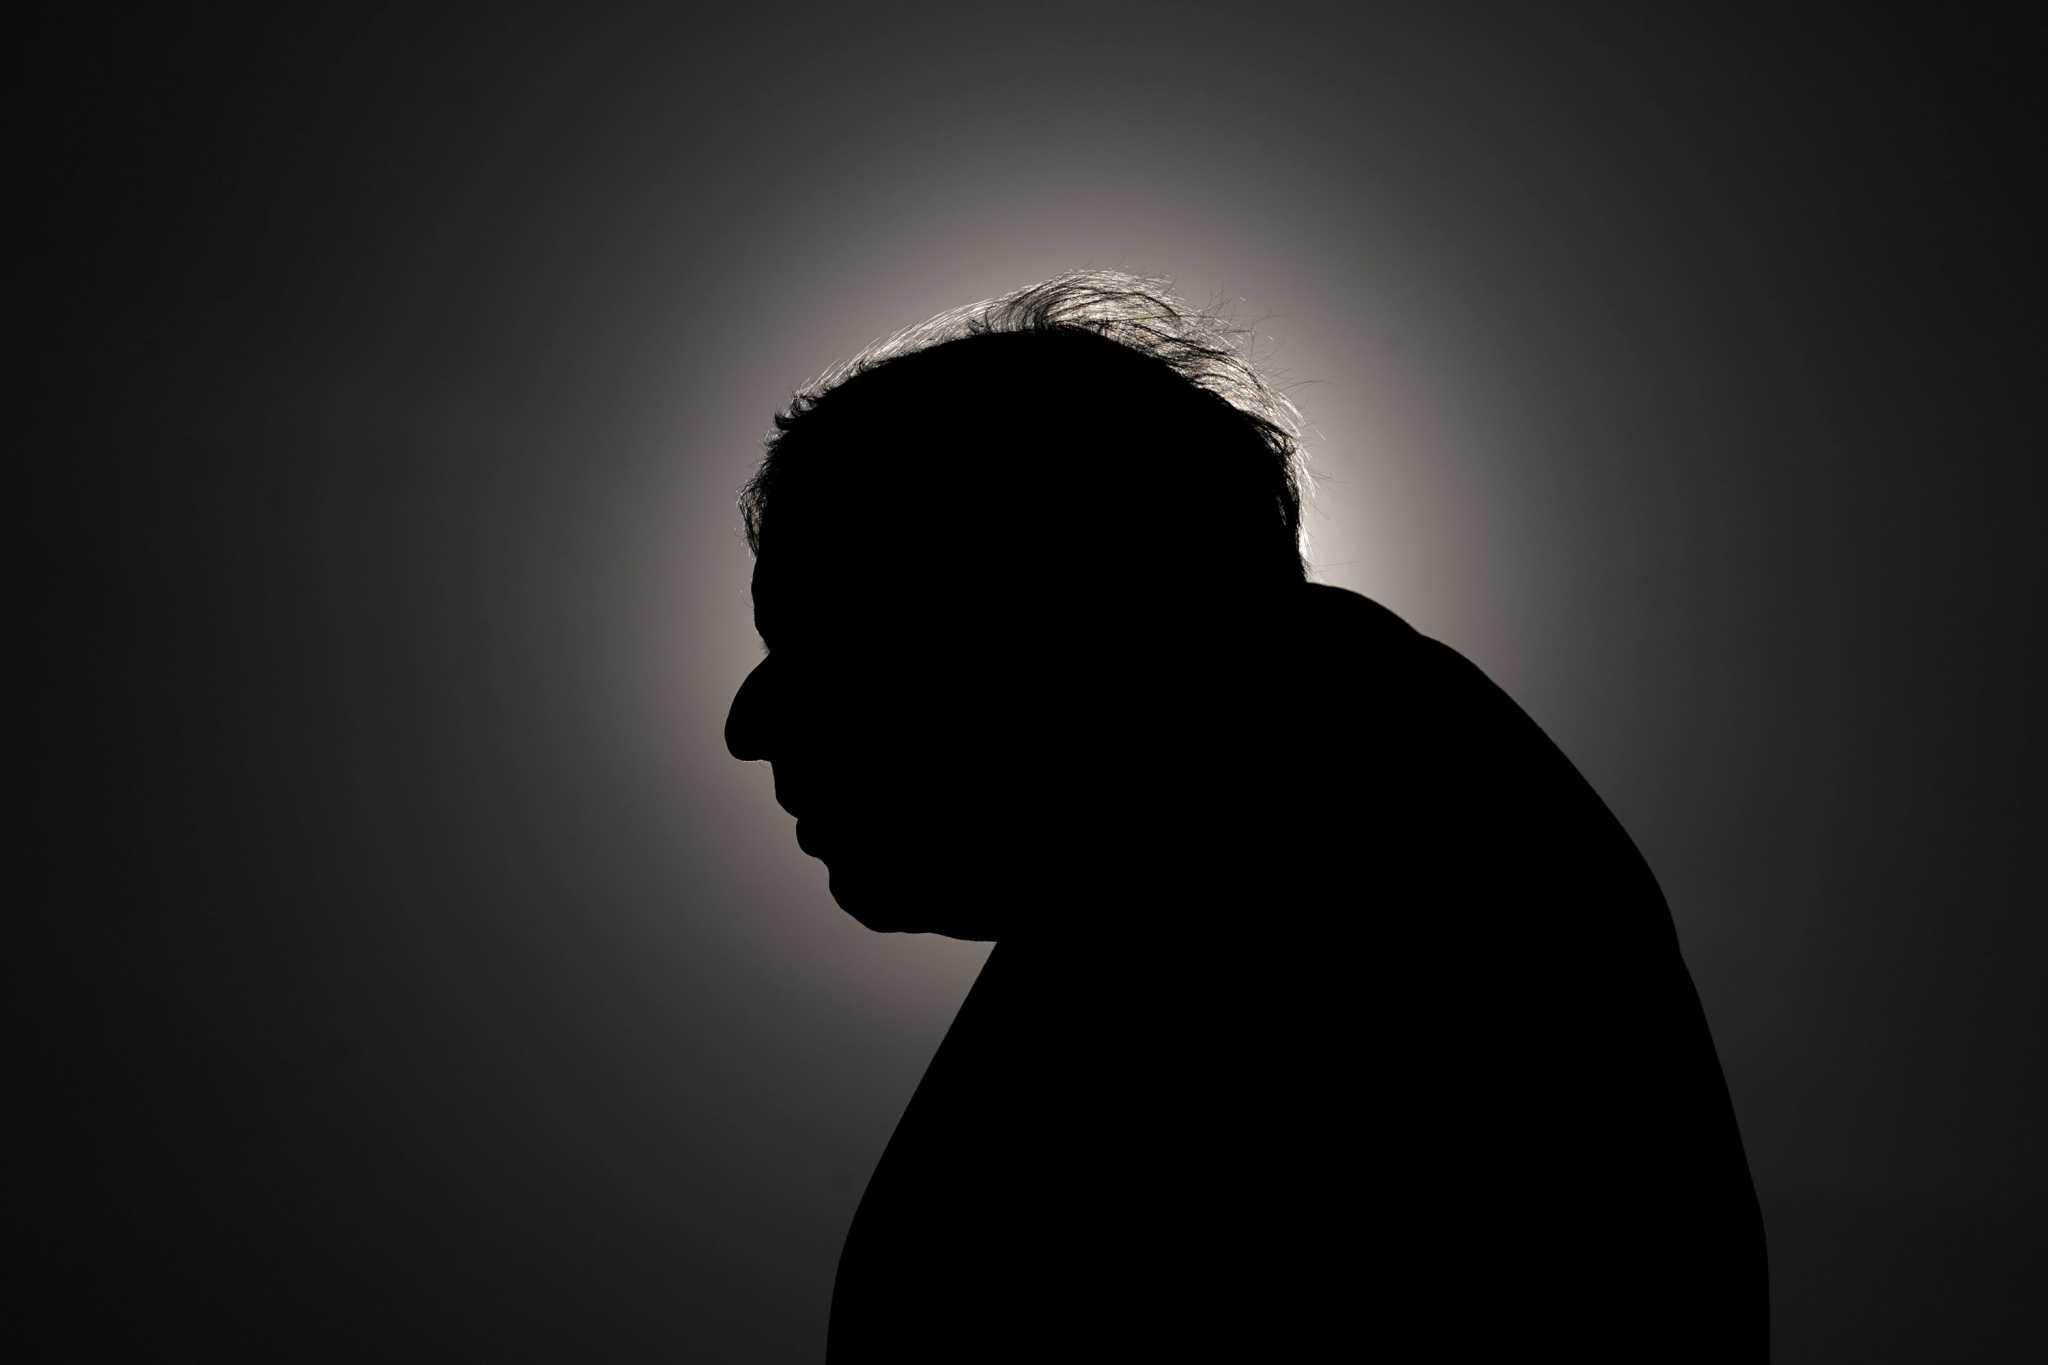 Ποιος «έδωσε» τον Μπόρις Τζόνσον; Σάλος από την φράση: «Αφήστε τα πτώματα να στοιβάζονται κατά χιλιάδες»